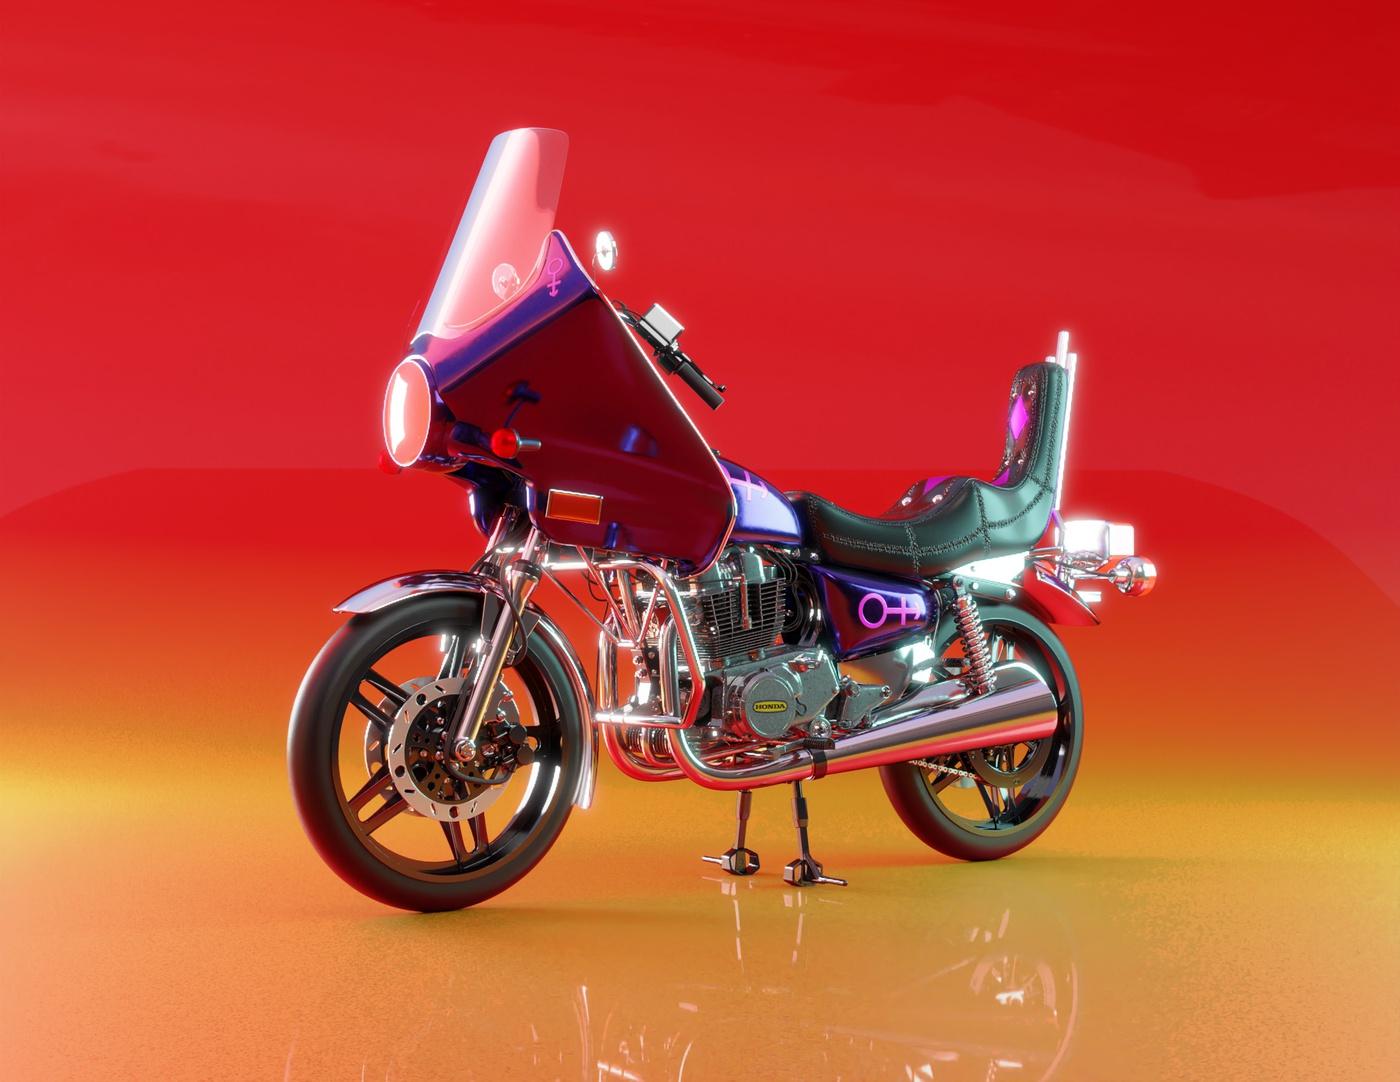 bike render orange colouring detailing modeling render vehicle